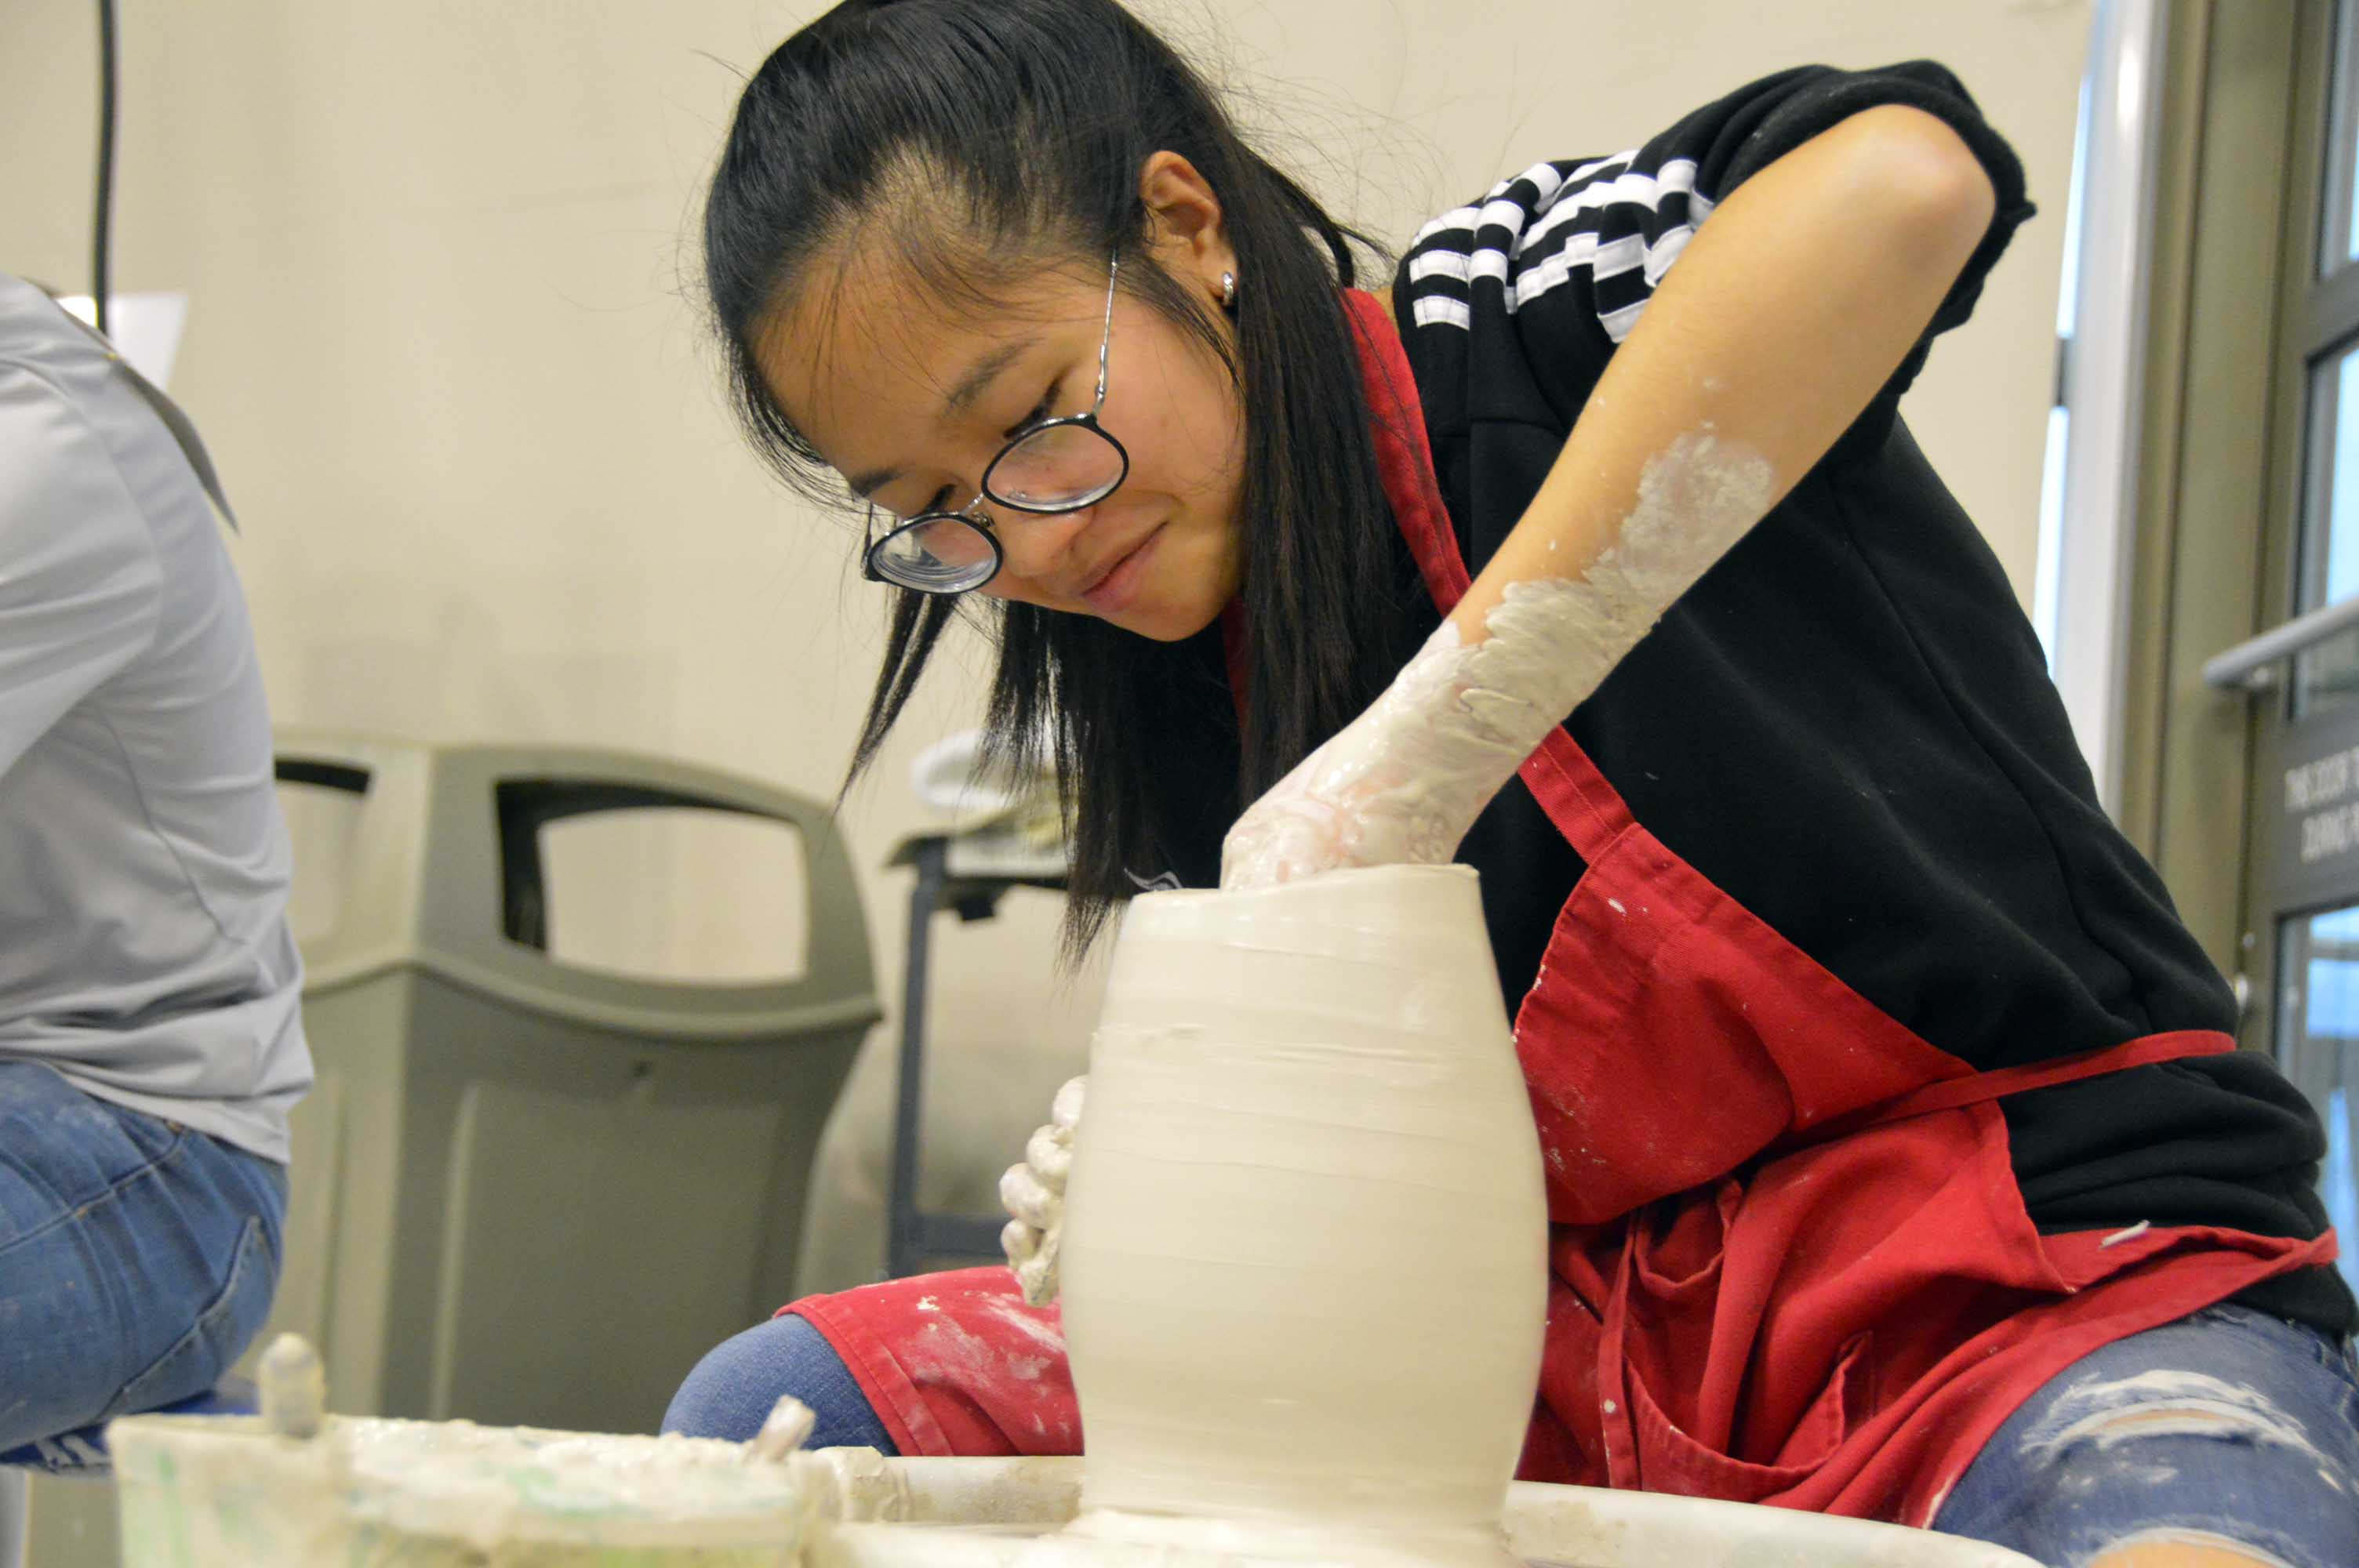 Student building ceramic art